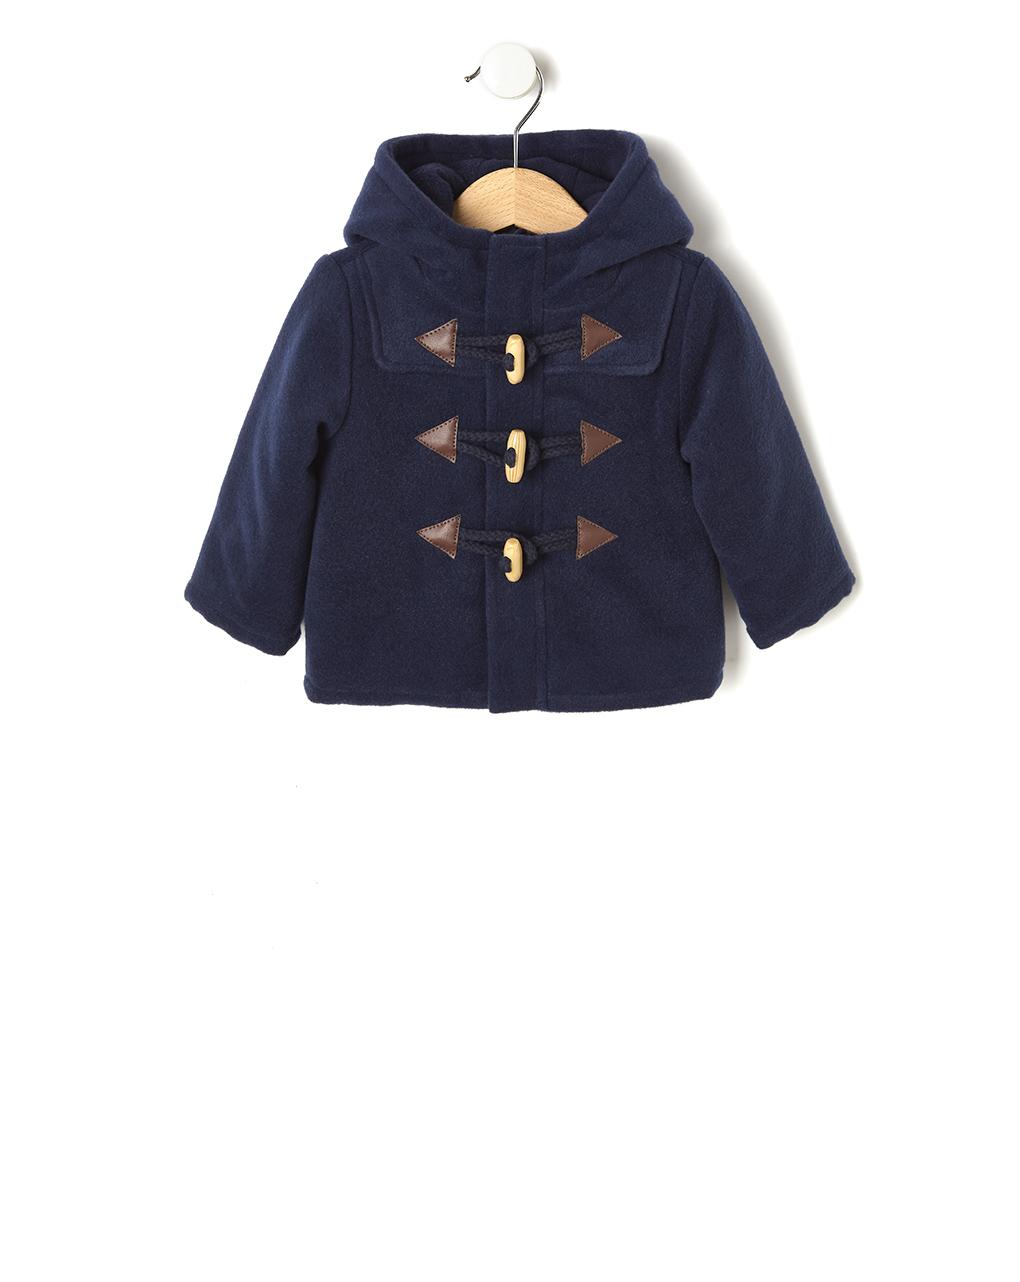 Παλτό με Επένδυση για Αγόρι